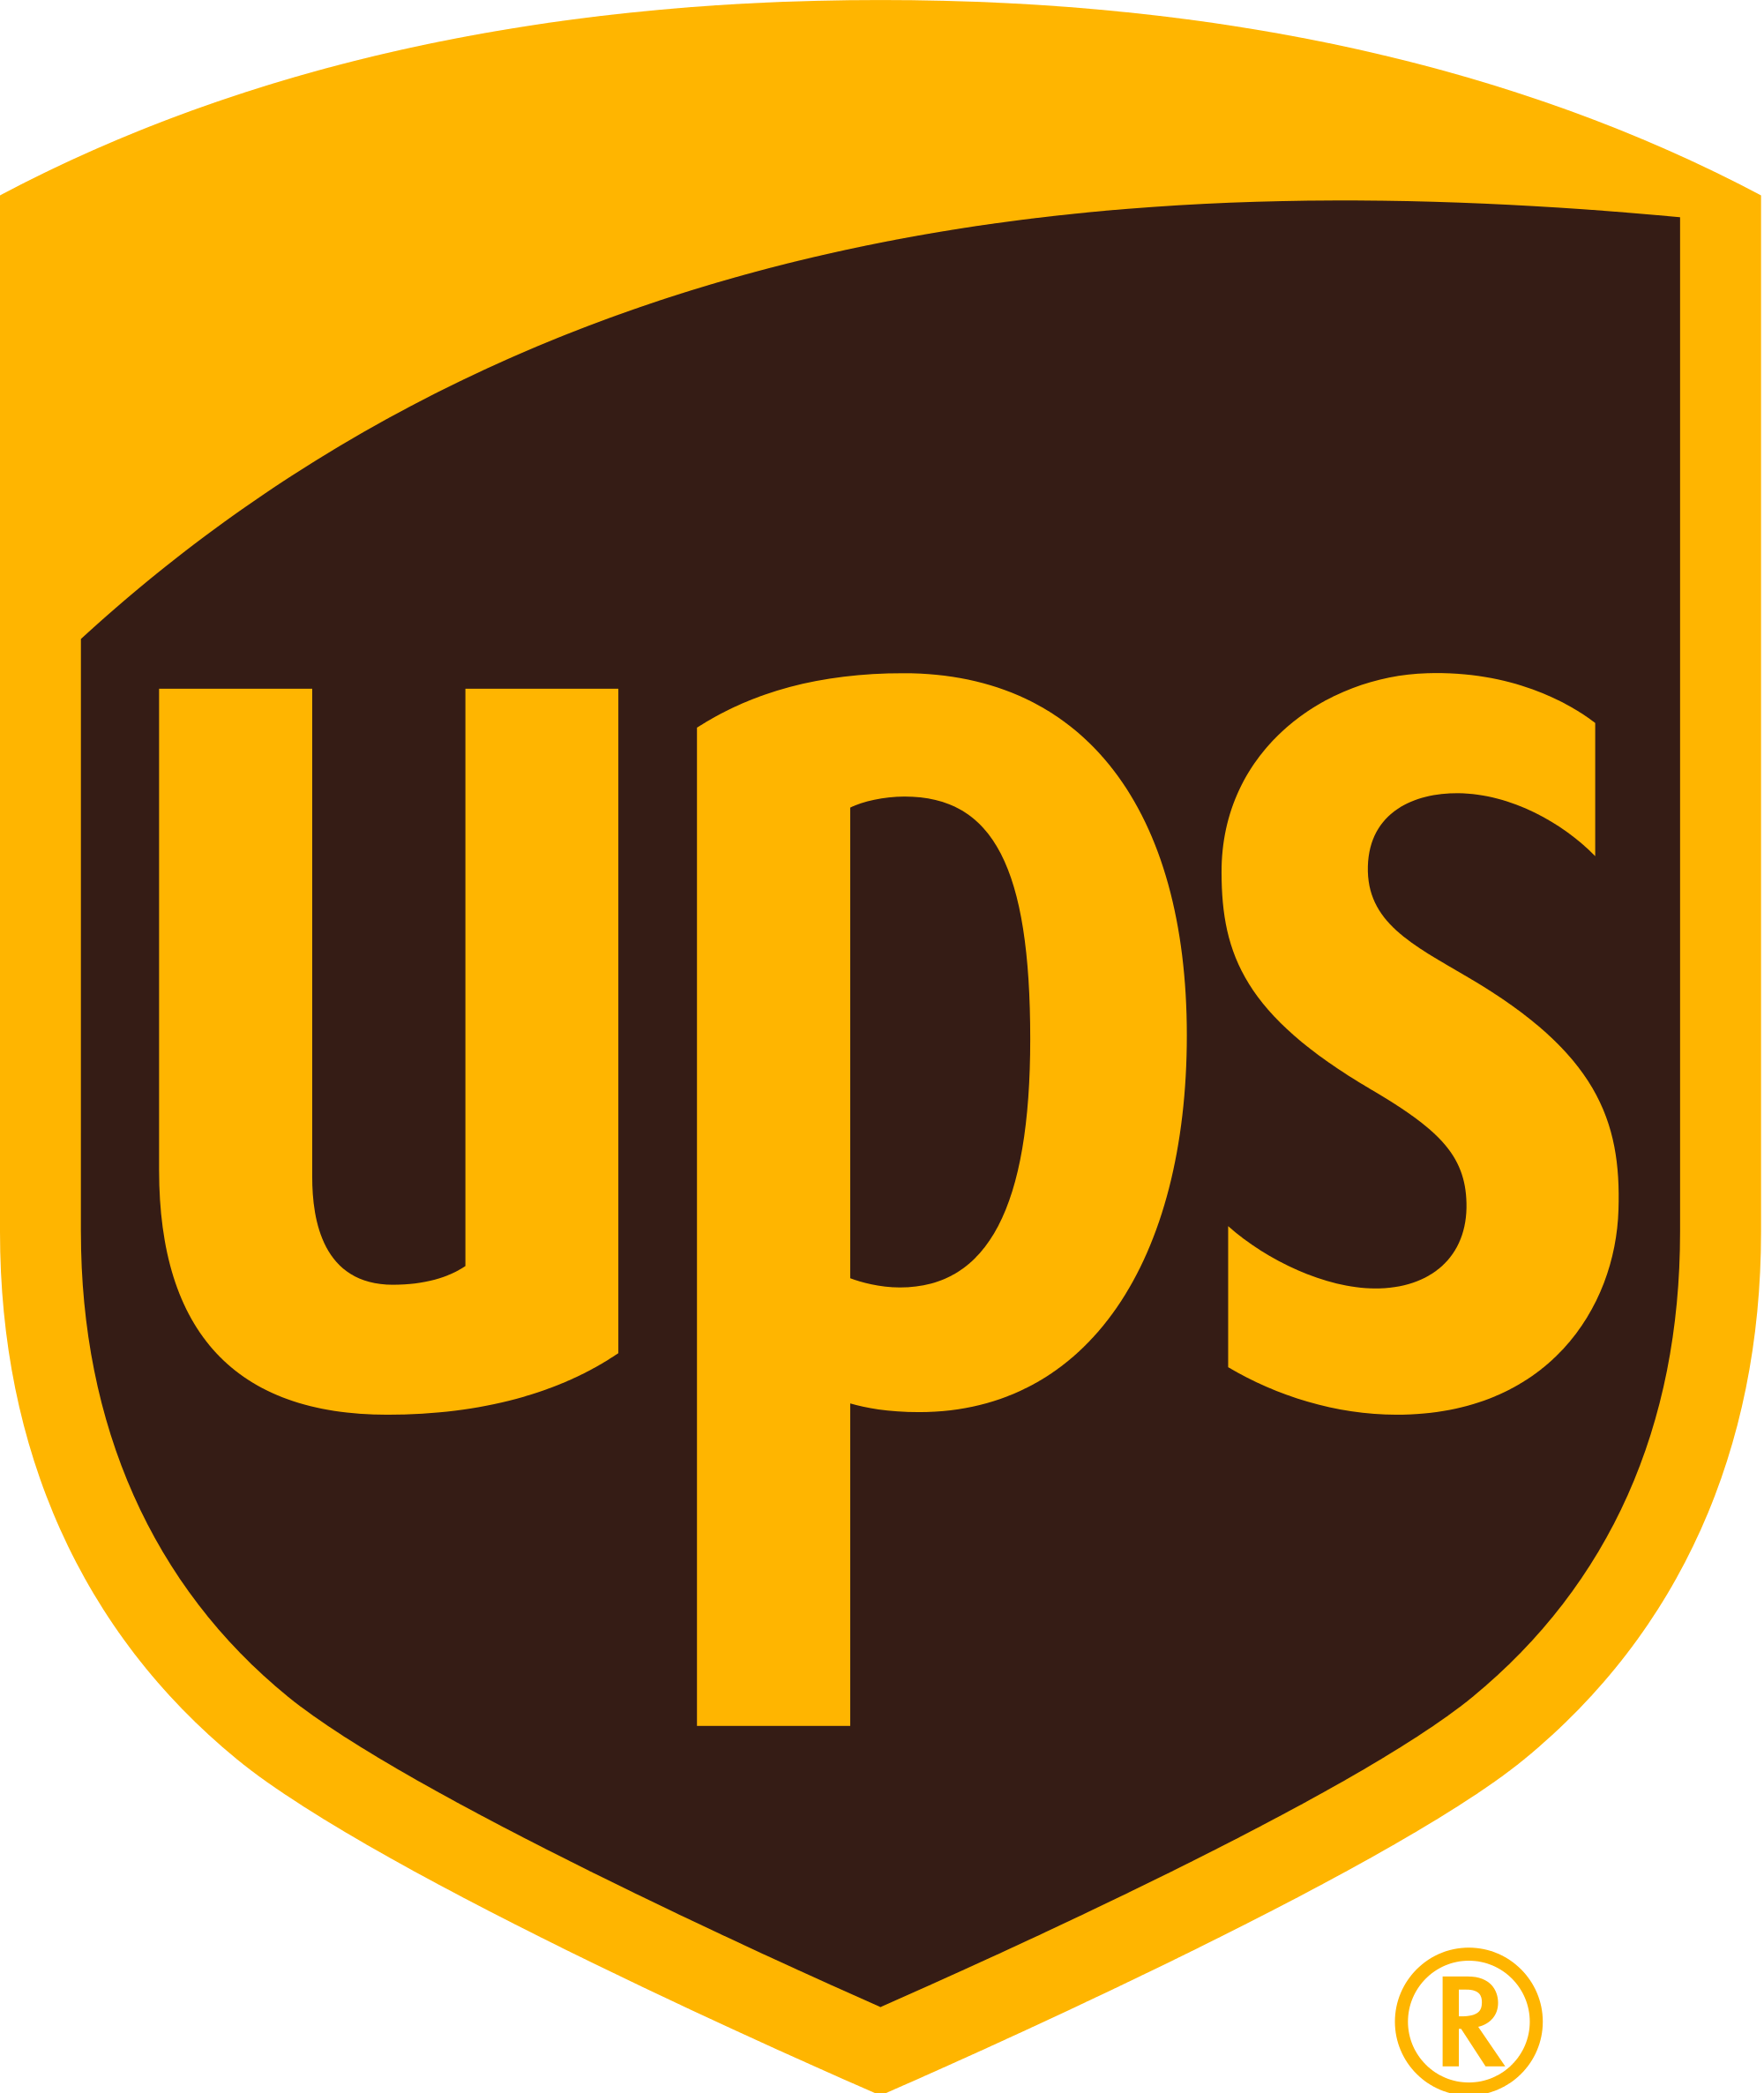 United_Parcel_Service_logo_2014-svg